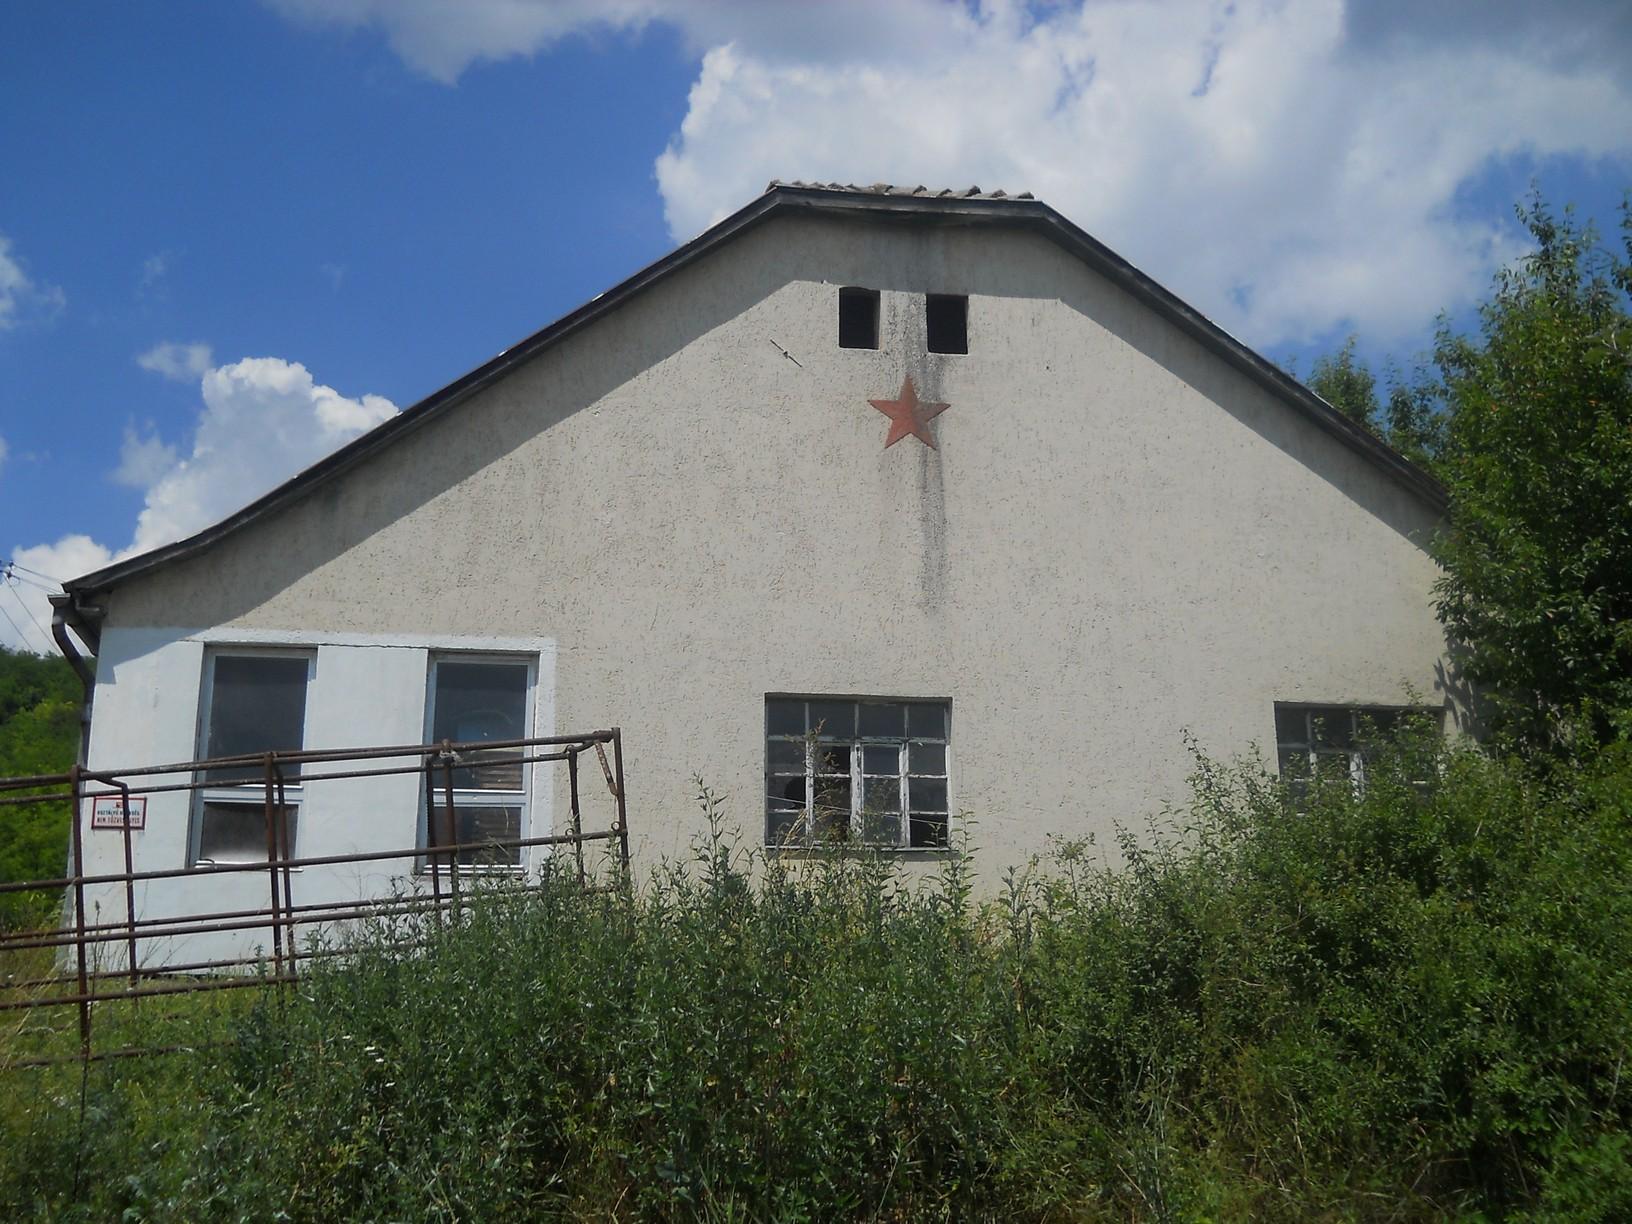 Vörös csillag a nógrádsipeki TSZ épületén